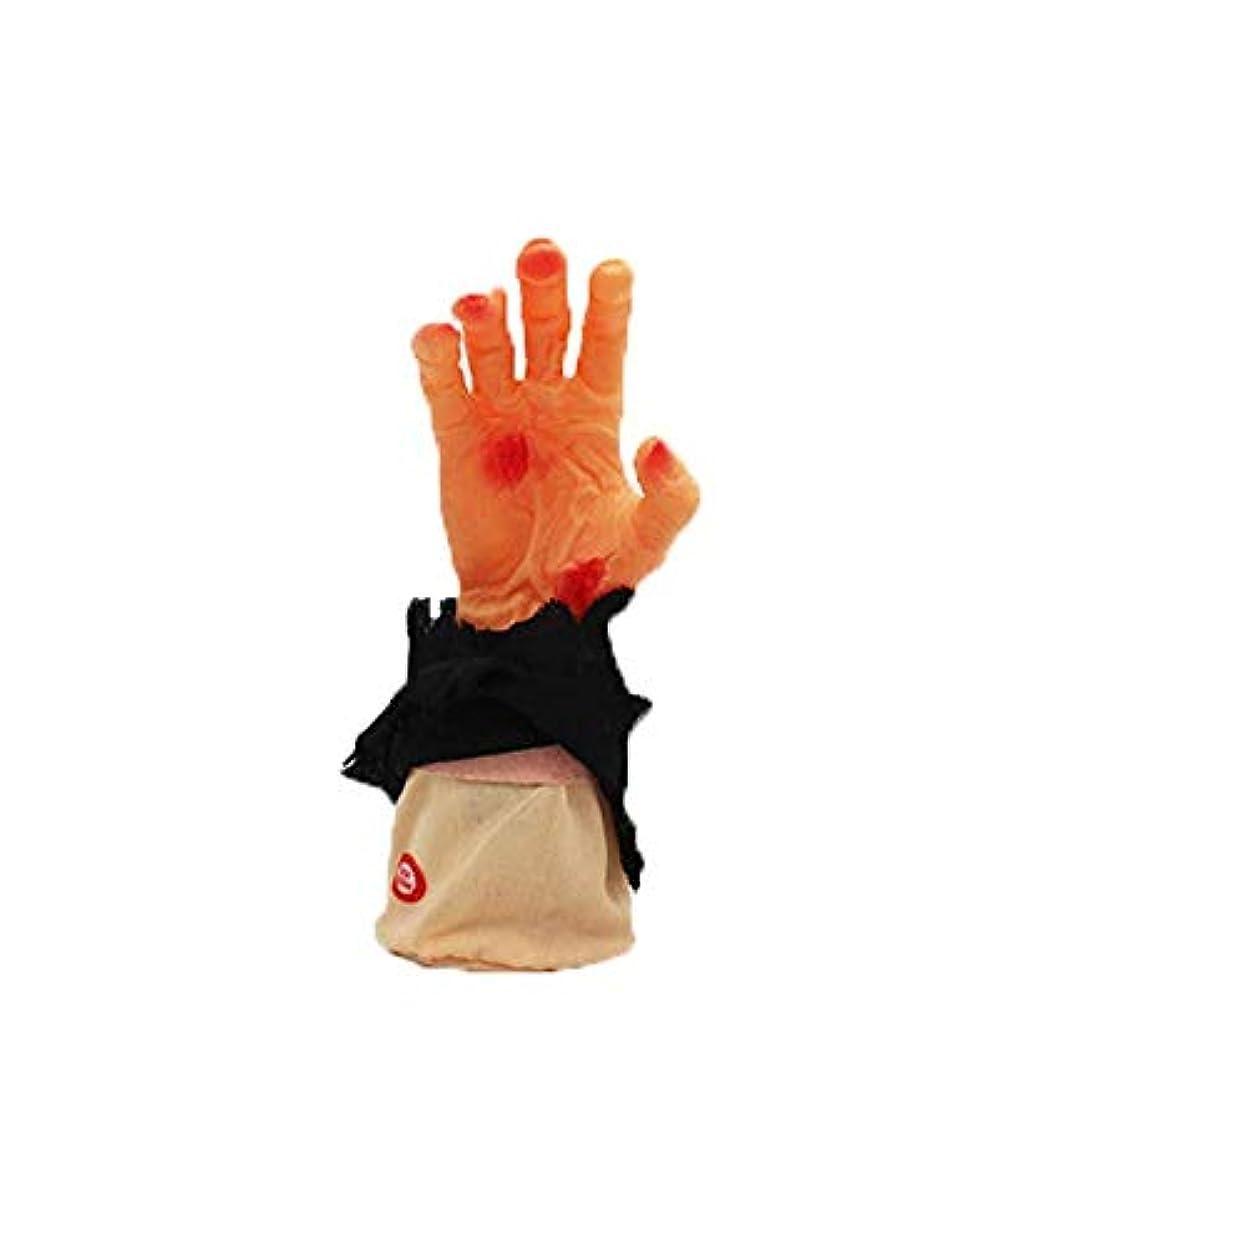 代理店降臨同一のハロウィーンのきちんとしたおもちゃ、幽霊の血の装飾的な小道具は怖い